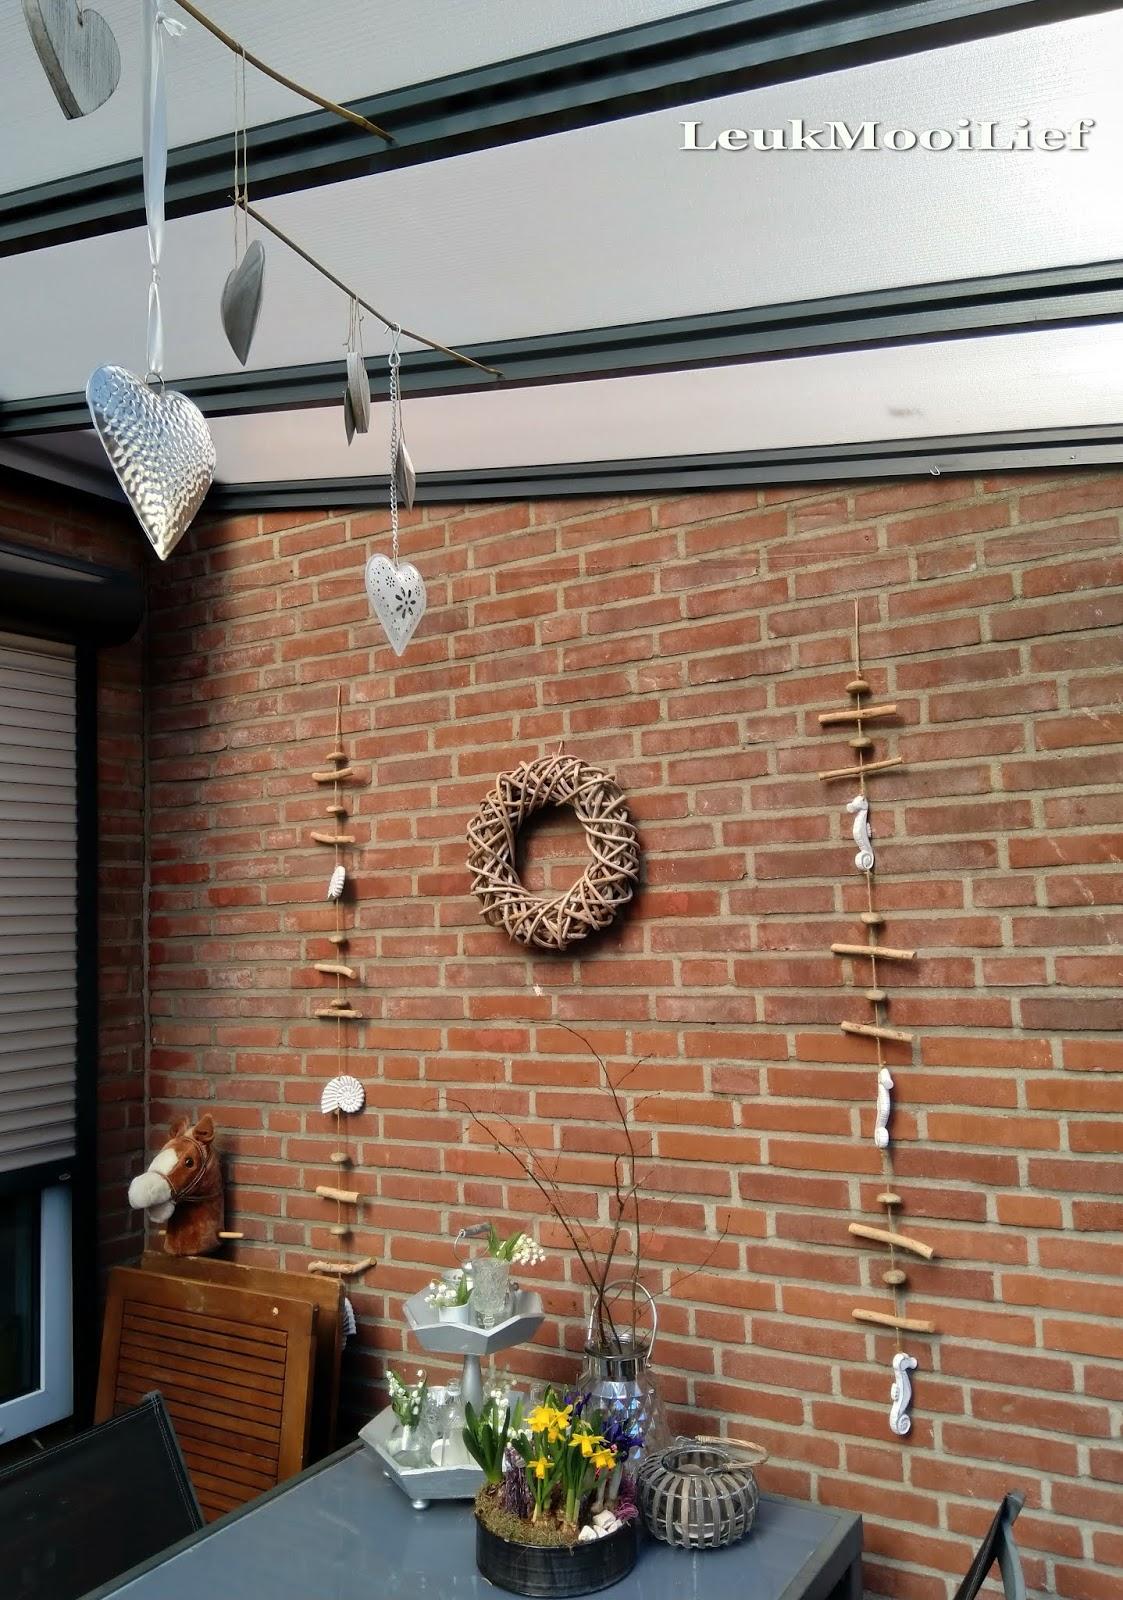 Leuk Mooi Lief 4x Voorjaar Decoratie In De Tuin